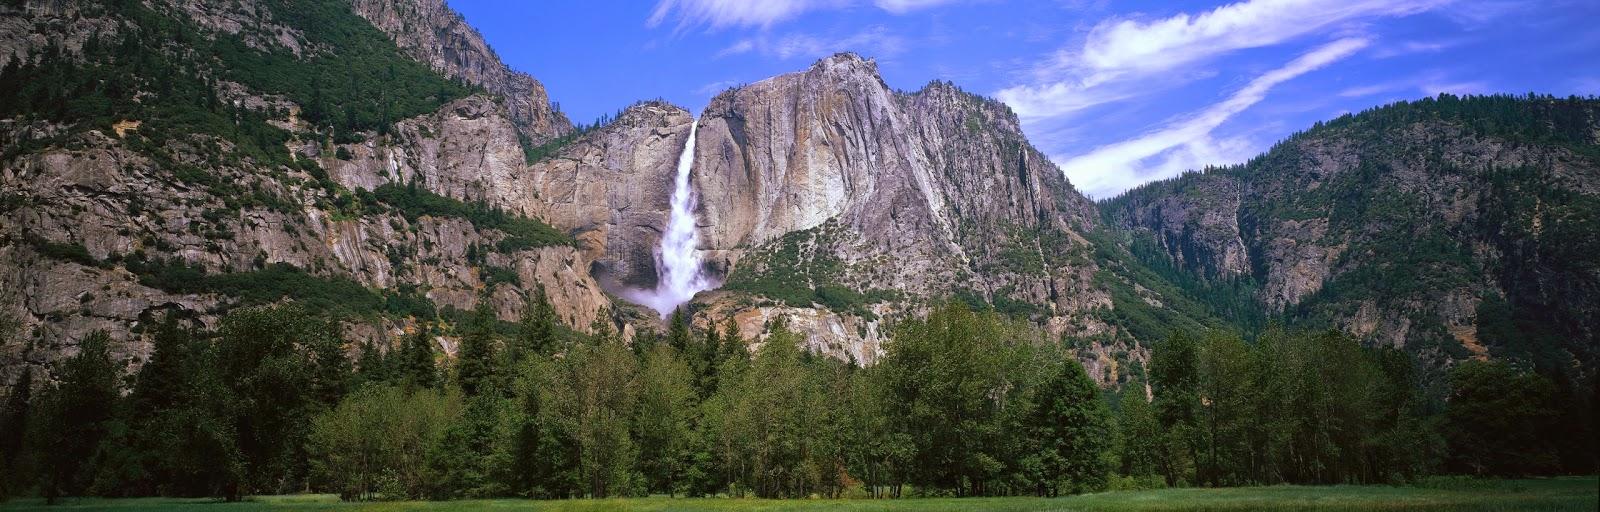 Waterfall high hill free hd desktop wallpaper